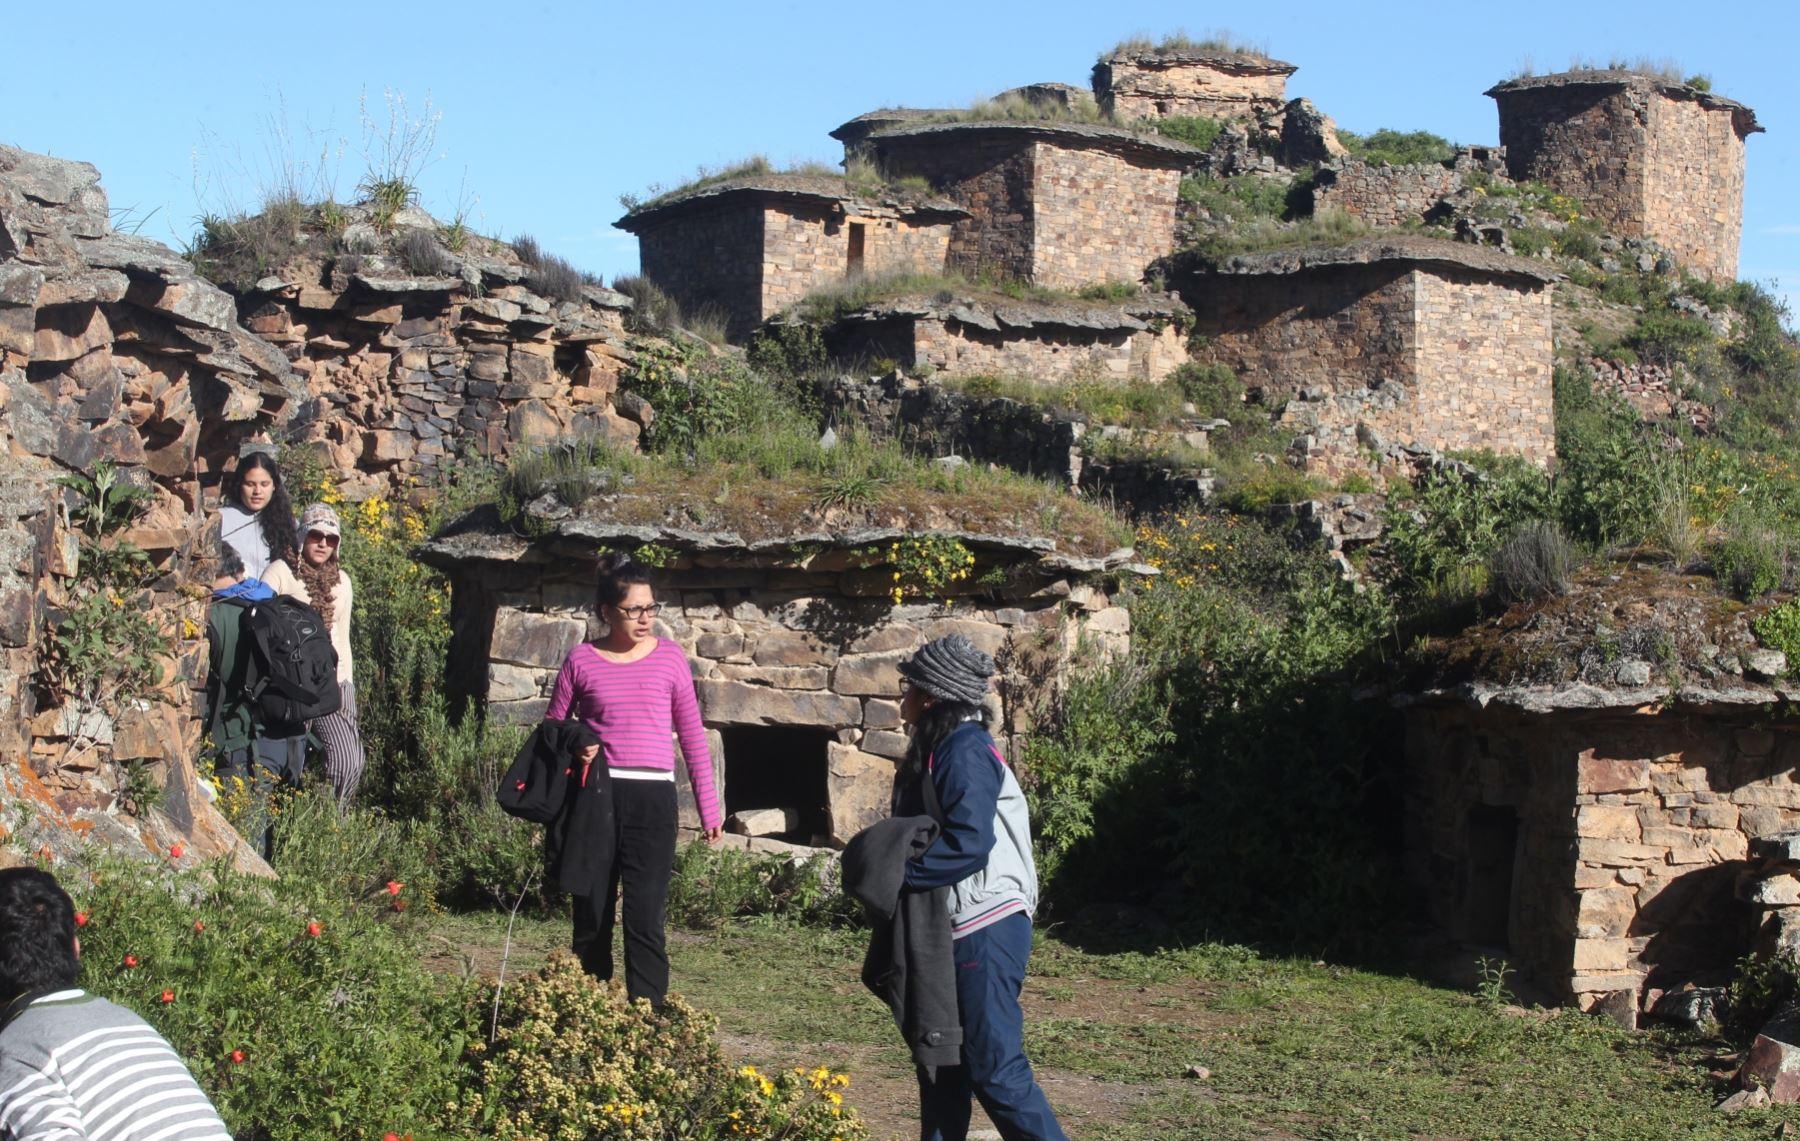 Complejo arqueológico Rúpac, se ubica en la provincia de Huaral, región Lima. ANDINA/Vidal Tarqui